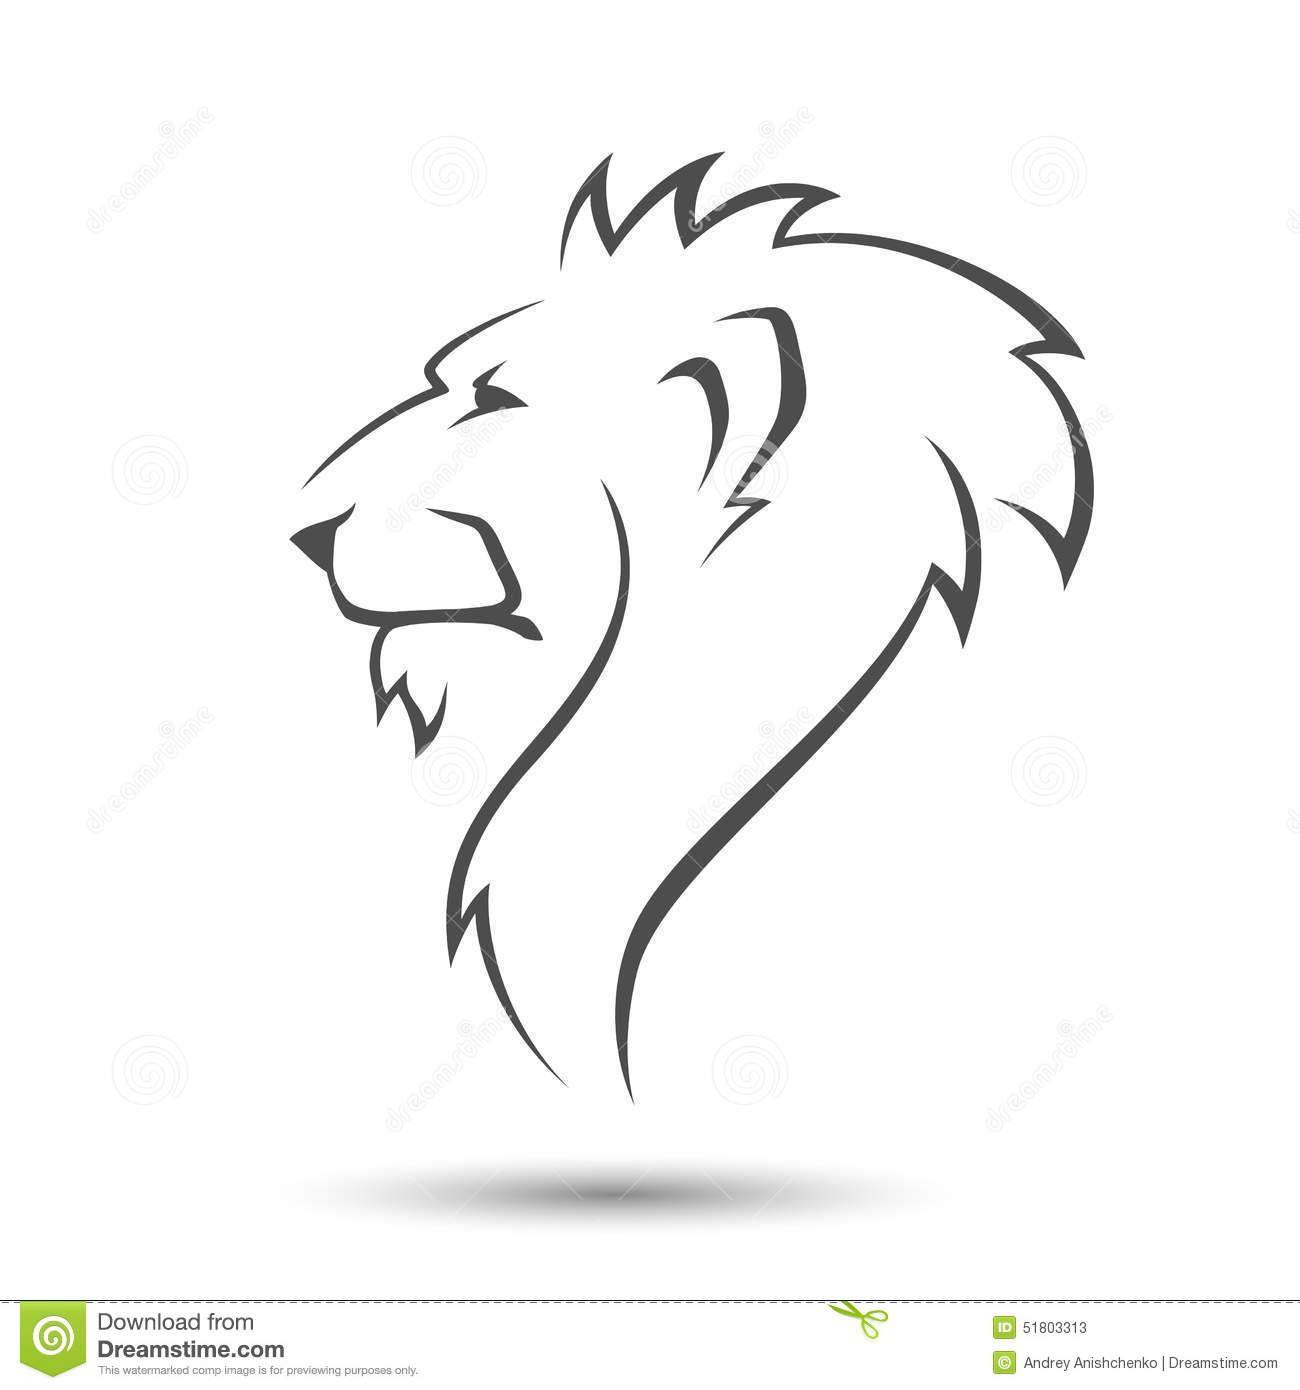 Pin By Vladimir Kolesnikov On Zeichnungen Lion Head Tattoos Lion Sketch Simple Lion Tattoo